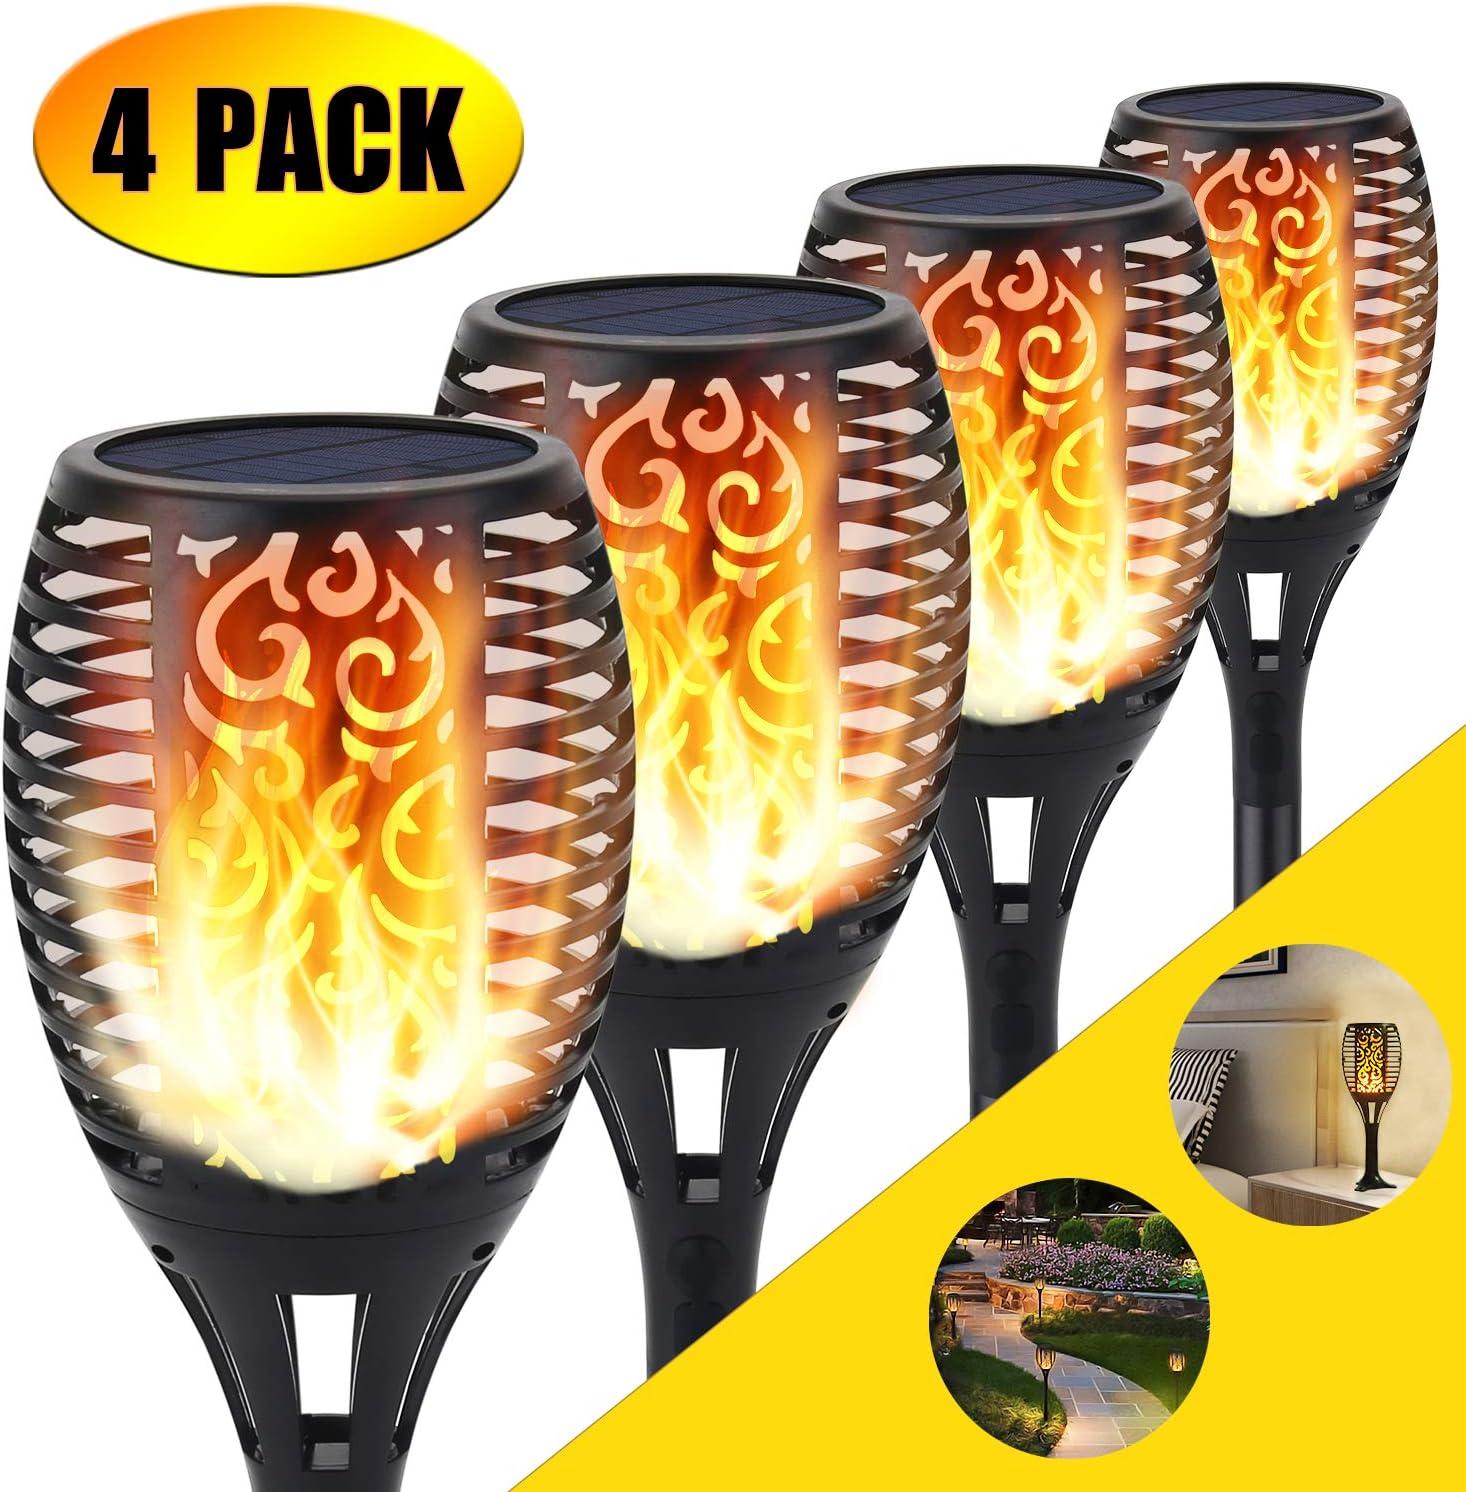 Luz solar de la antorcha, 96 LED parpadeo luces de llama Jardín sendas/patio decoración de paisaje al aire libre iluminación de llama de baile (4 pack): Amazon.es: Iluminación